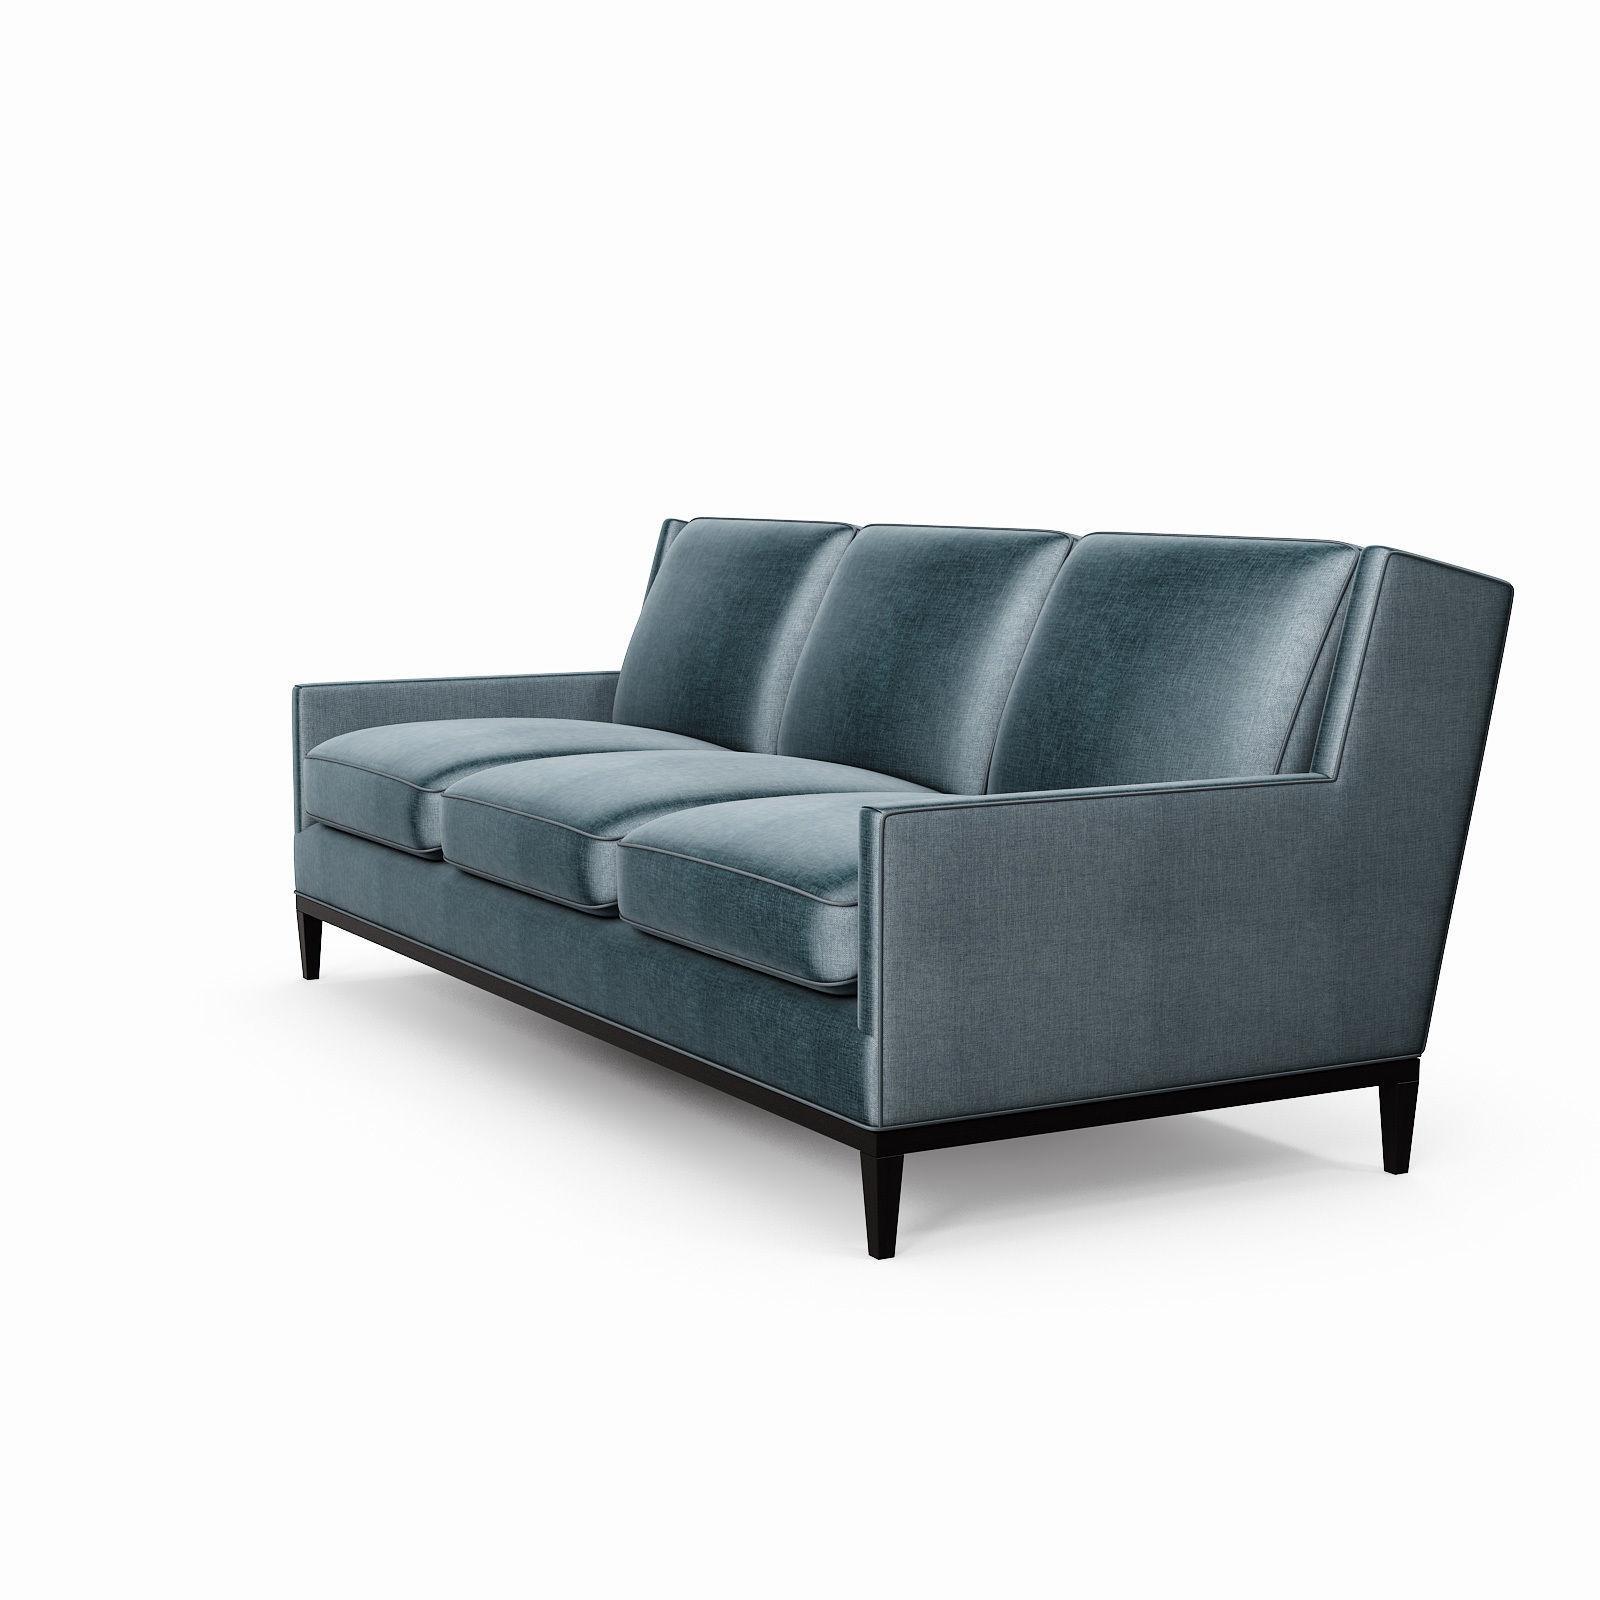 A Rudin Sofa 2859 Catosferanet